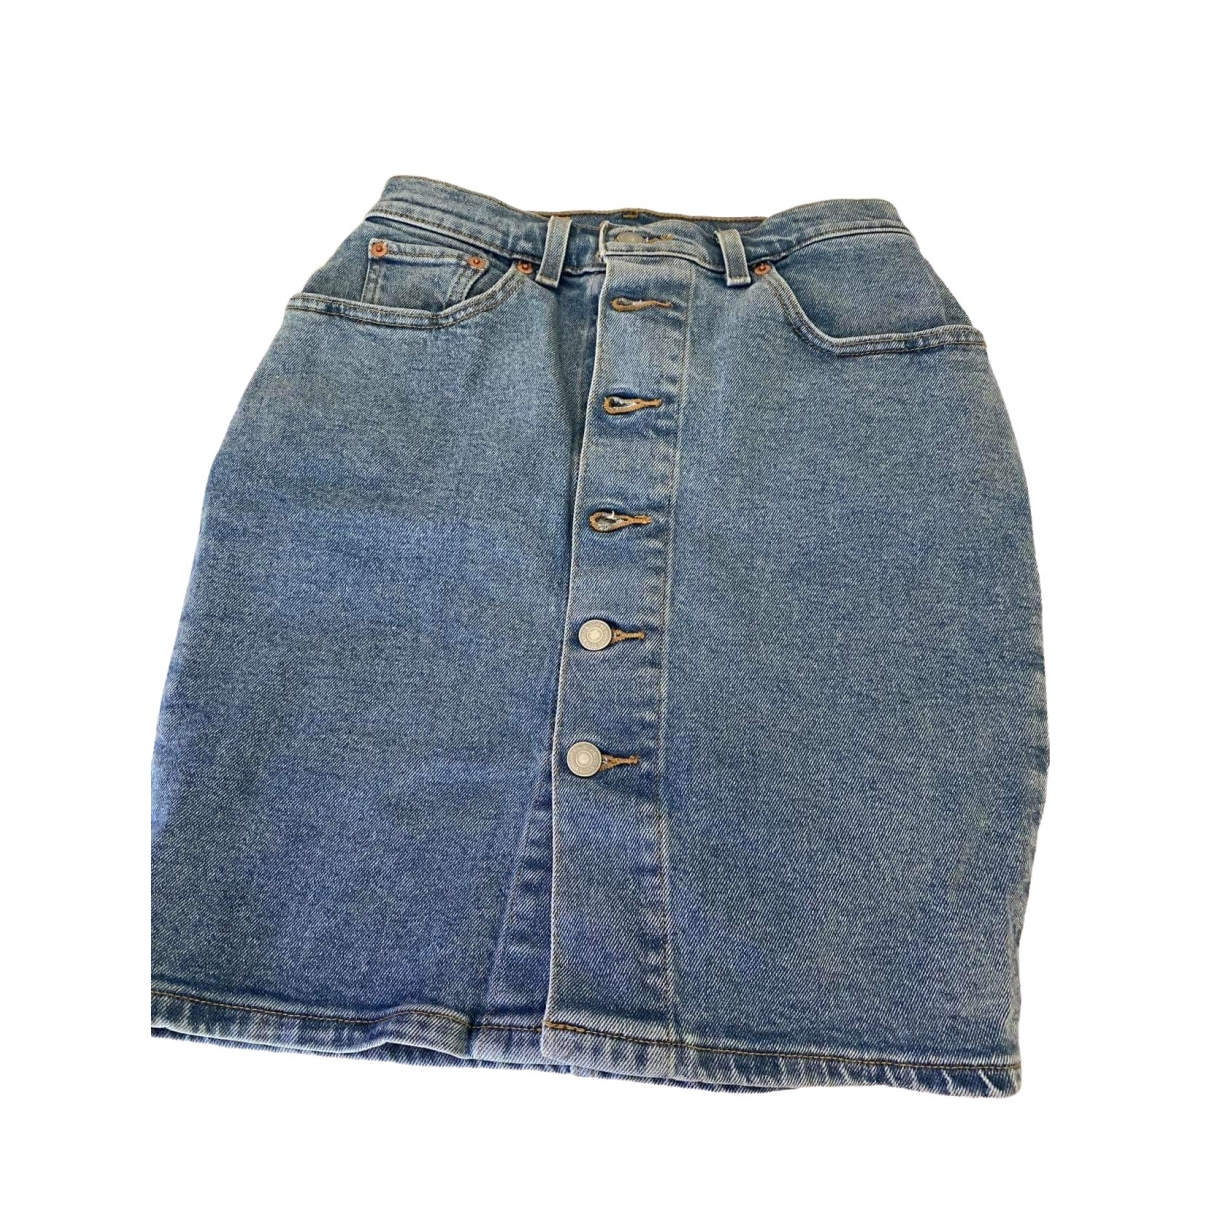 Levi's \N Blue Denim - Jeans skirt for Women 36 FR